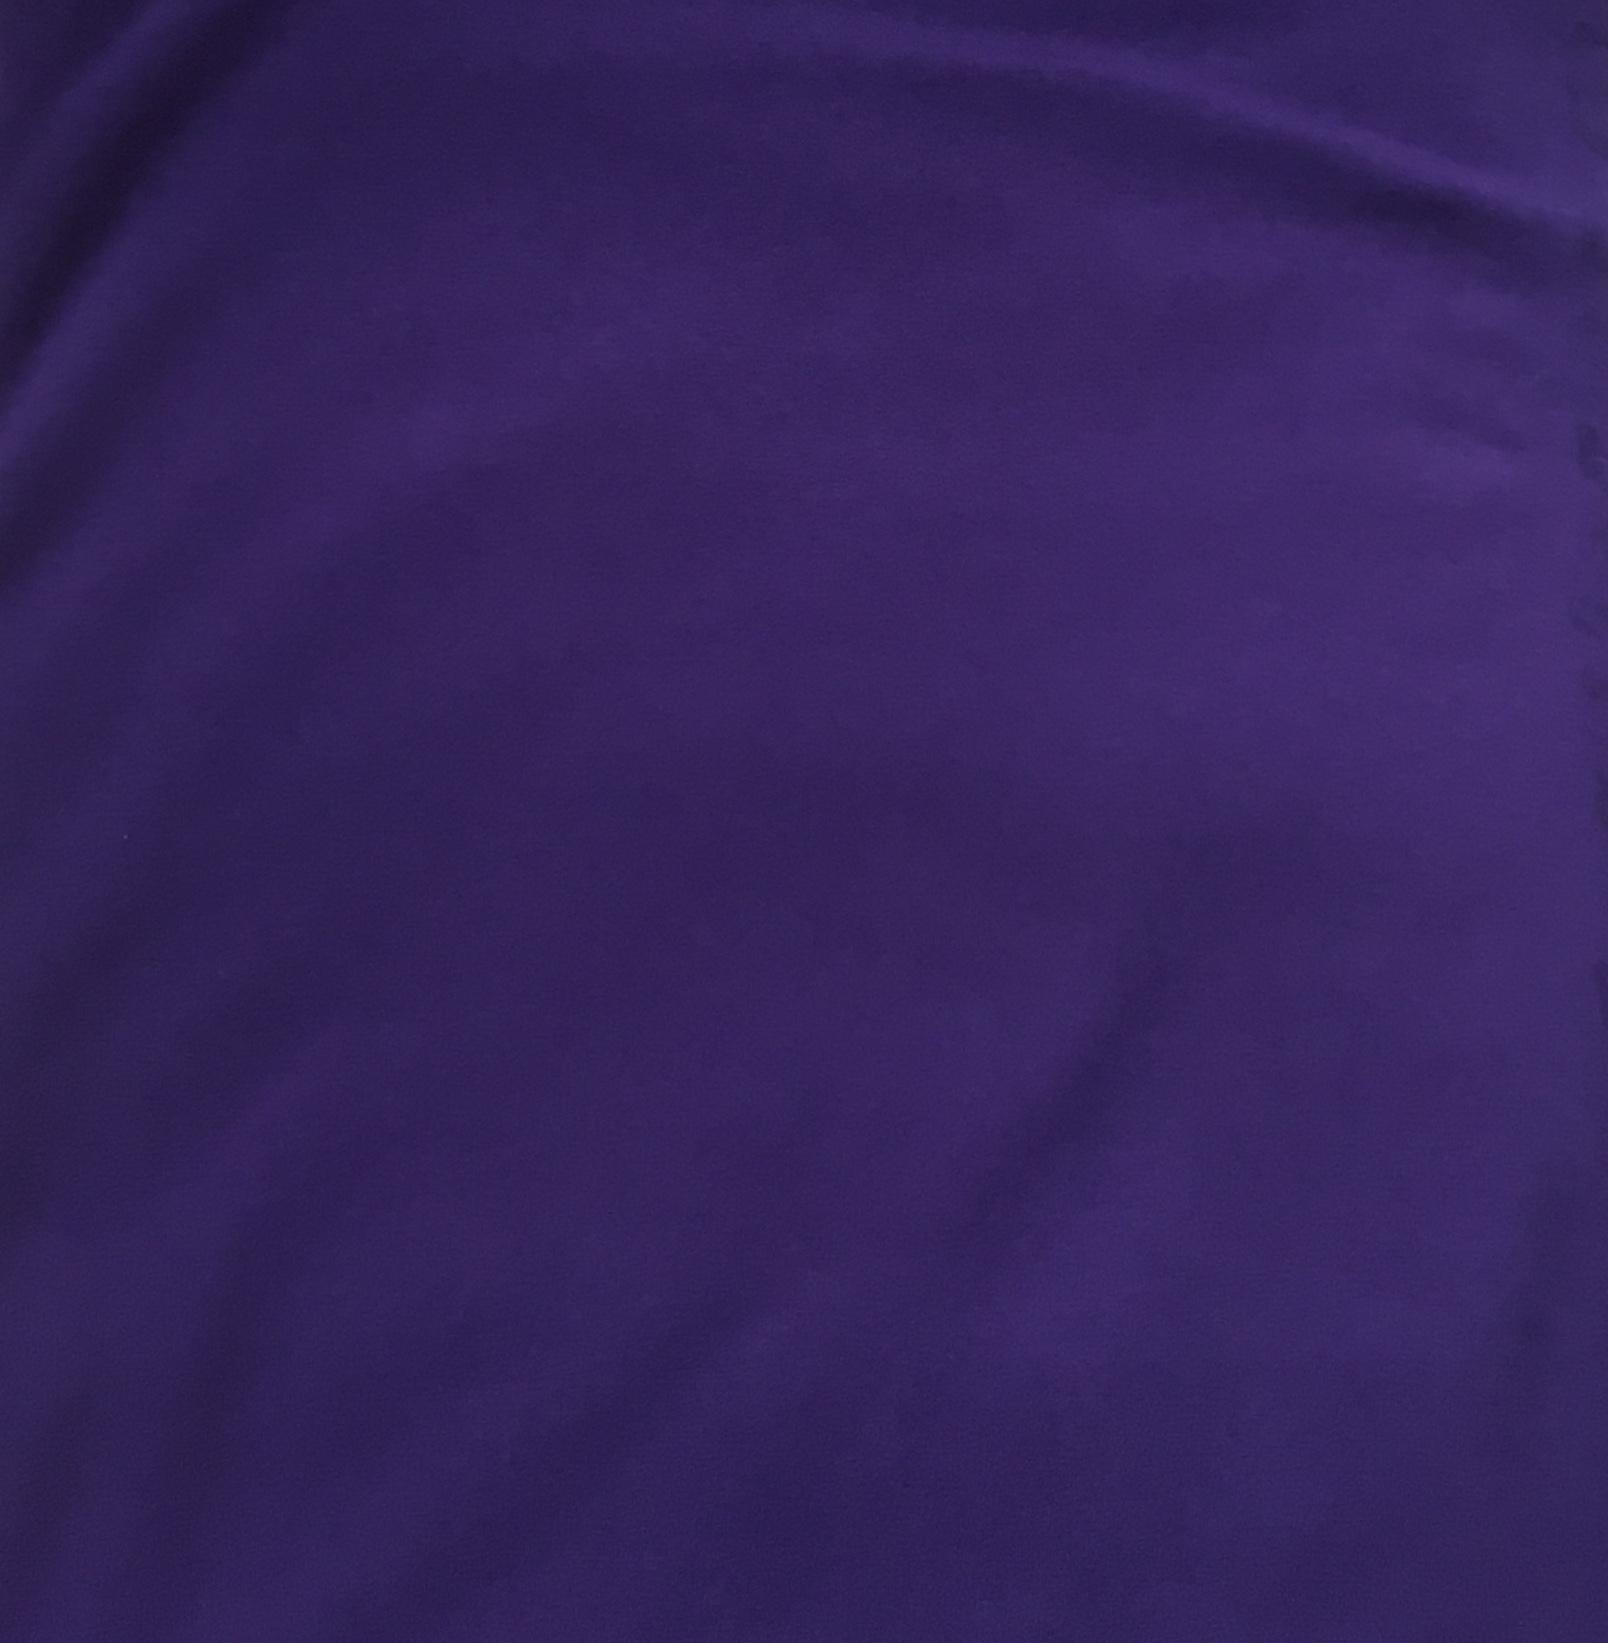 Enfärgat, Mörklila #554, ekotyg